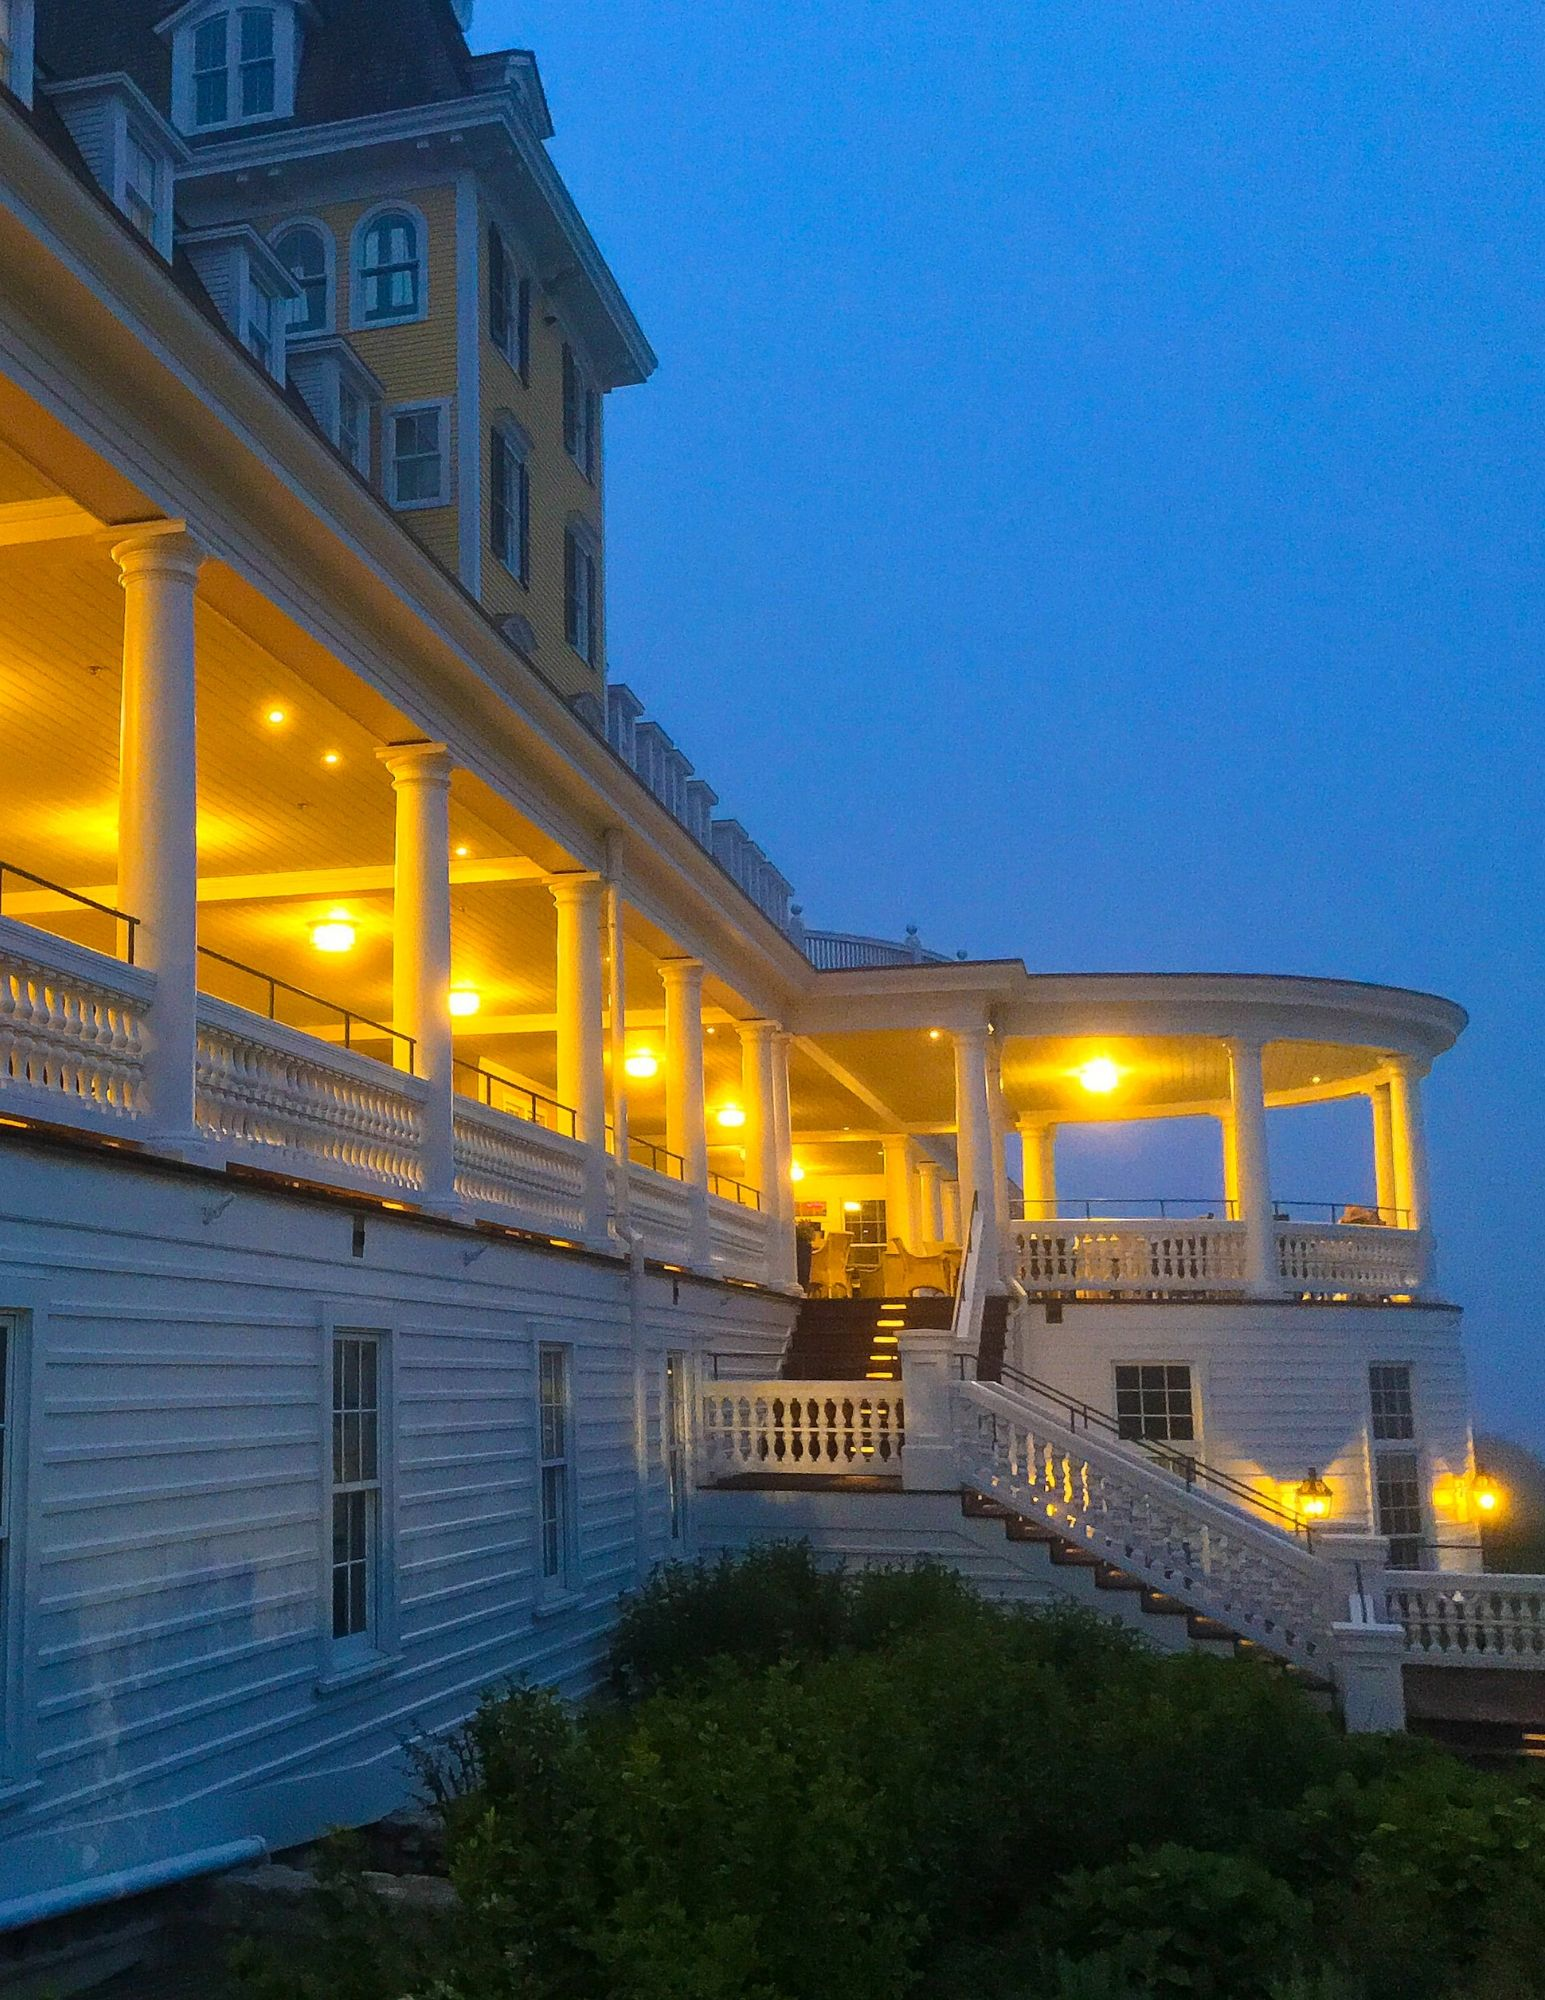 Ocean House Watch Hill Rhode Island-62